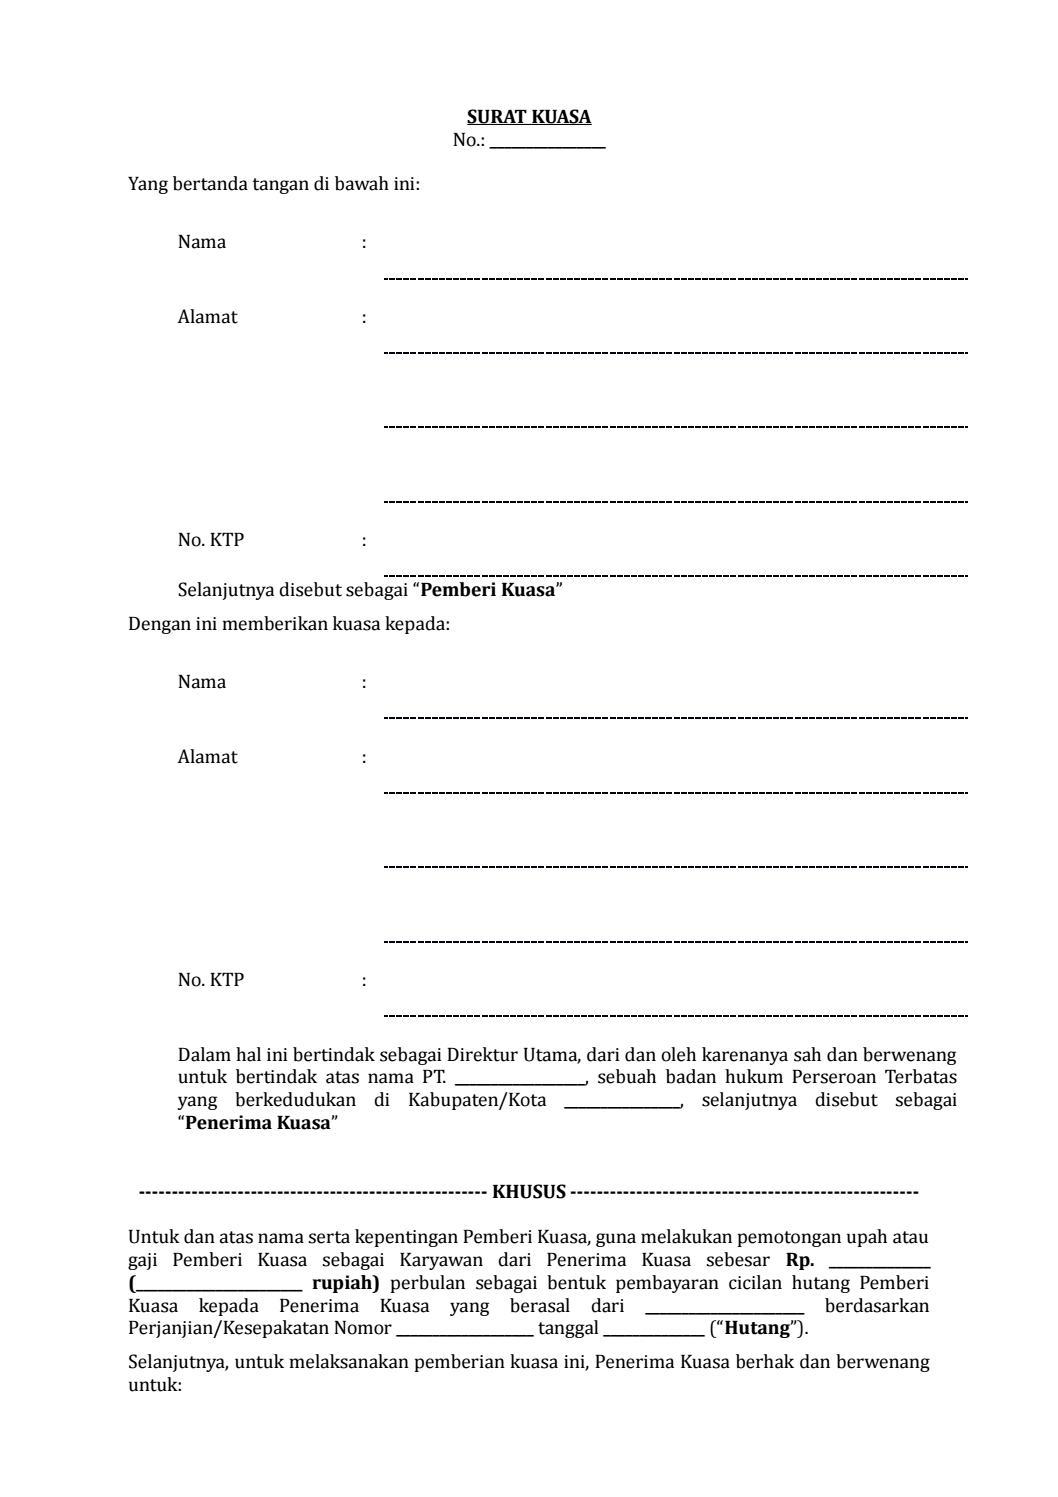 Pernyataan berkuantor pdf to jpg